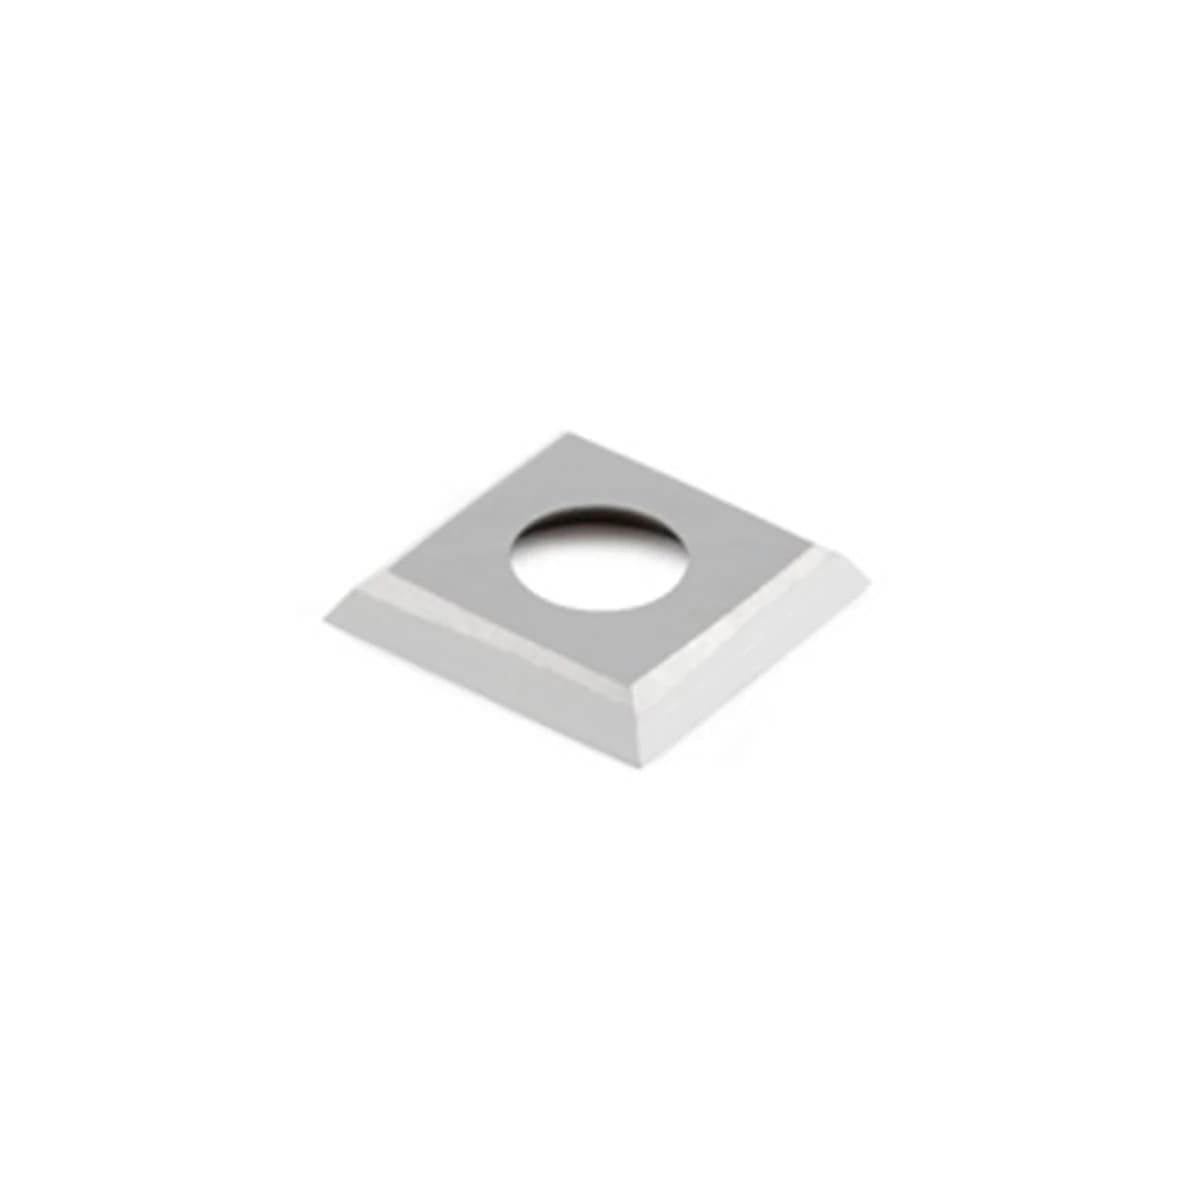 Inserto Pastilha De Videa Metal Duro 14 x 14 x 2,0mm Micro FEPAM